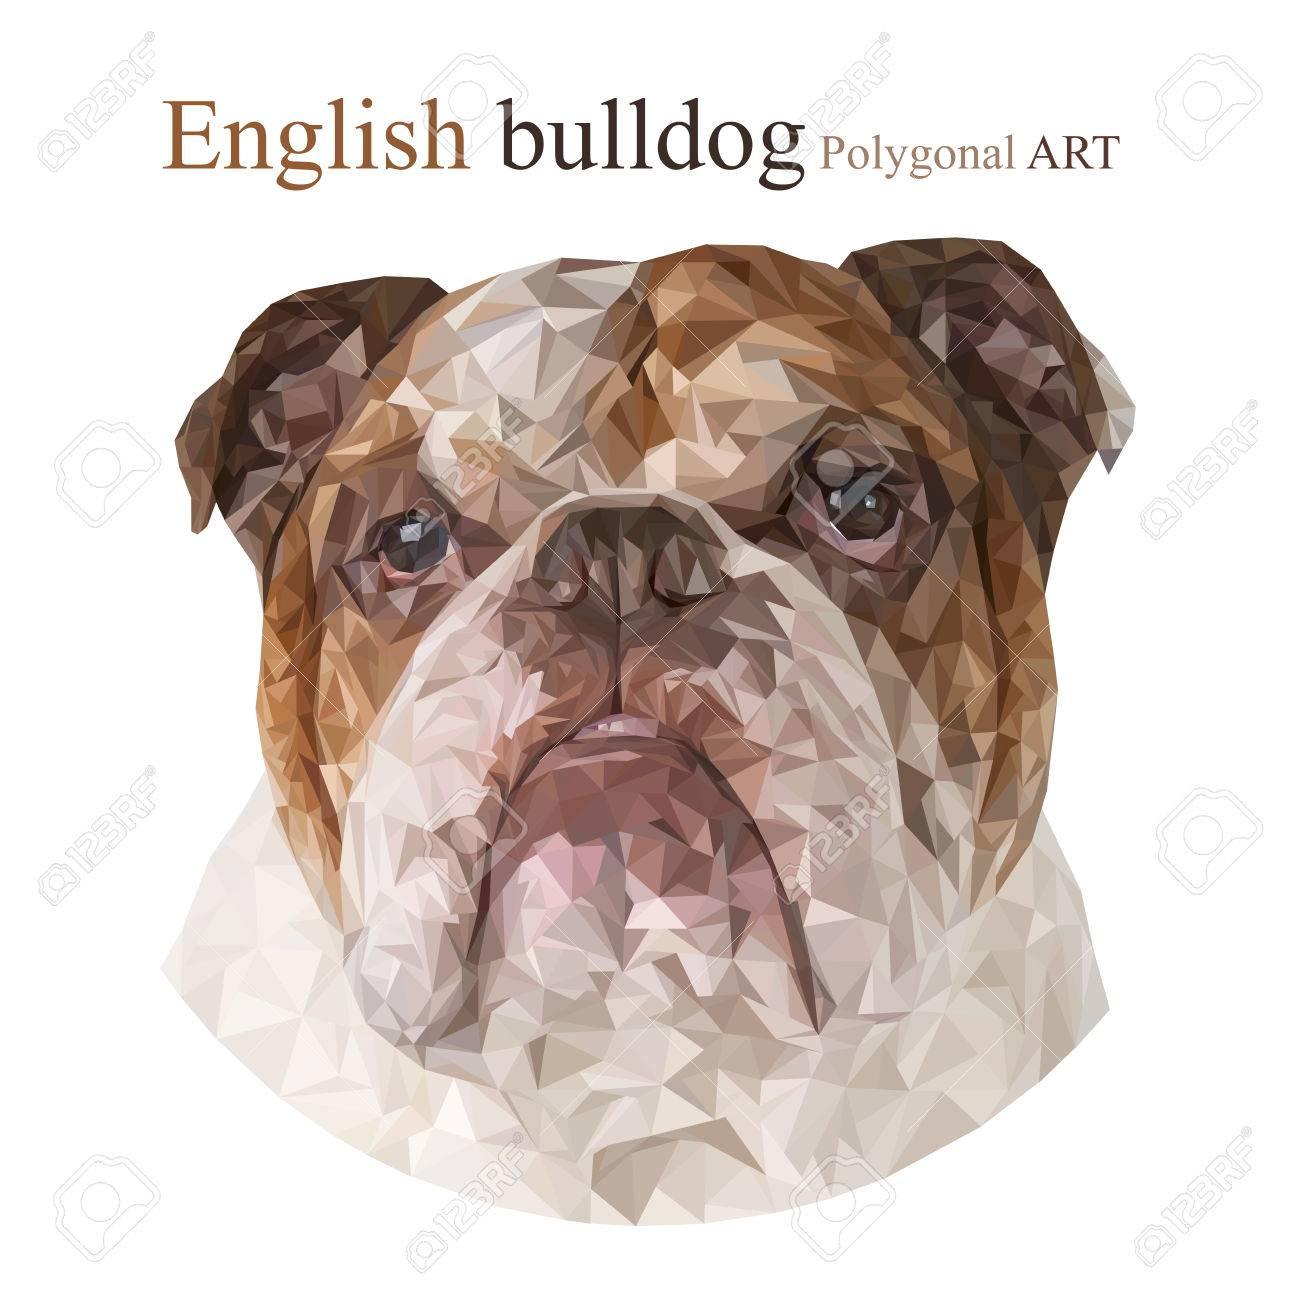 Englische Bulldogge Polygonal Zeichnung Die Bitmap Auf Einem